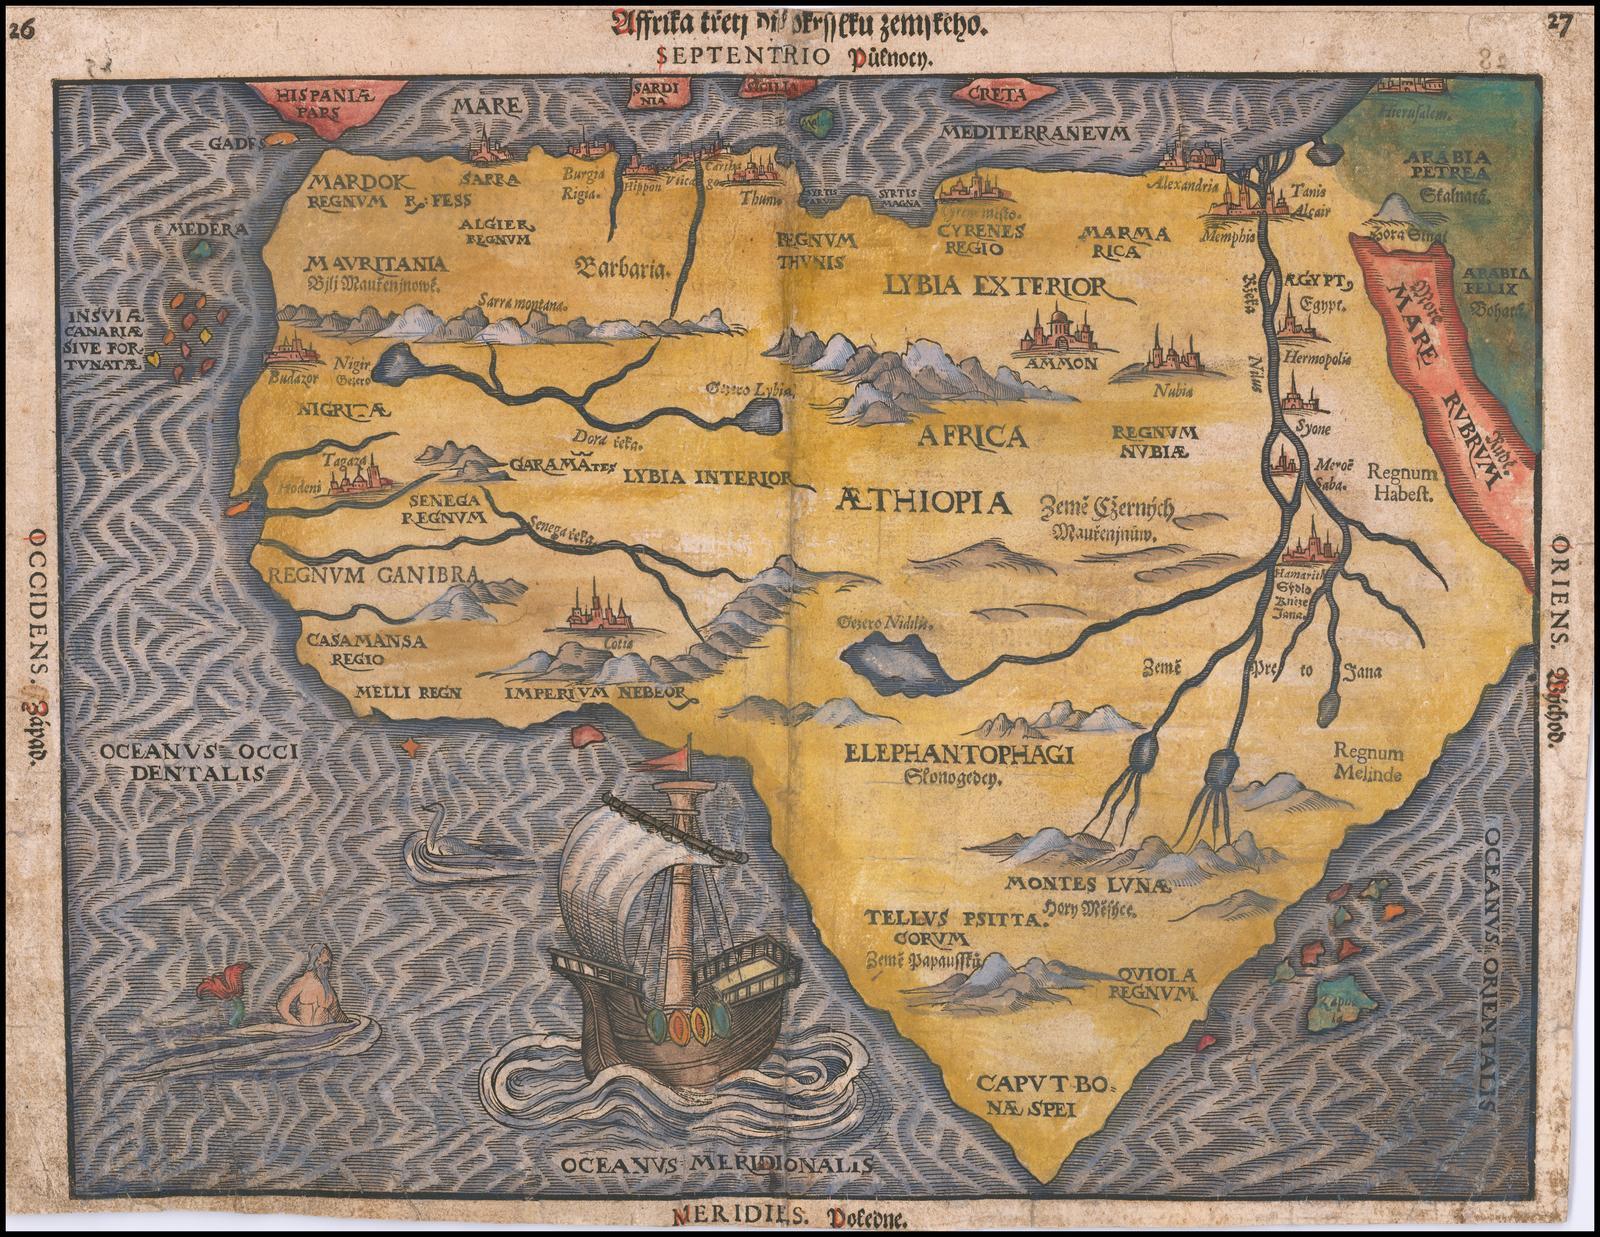 Чрезвычайно редкий чешский языковой пример карты Африки Бантинга (a frica Tertia Pars Terrae), которая включает в себя обширные современные рукописные заметки внутри карты